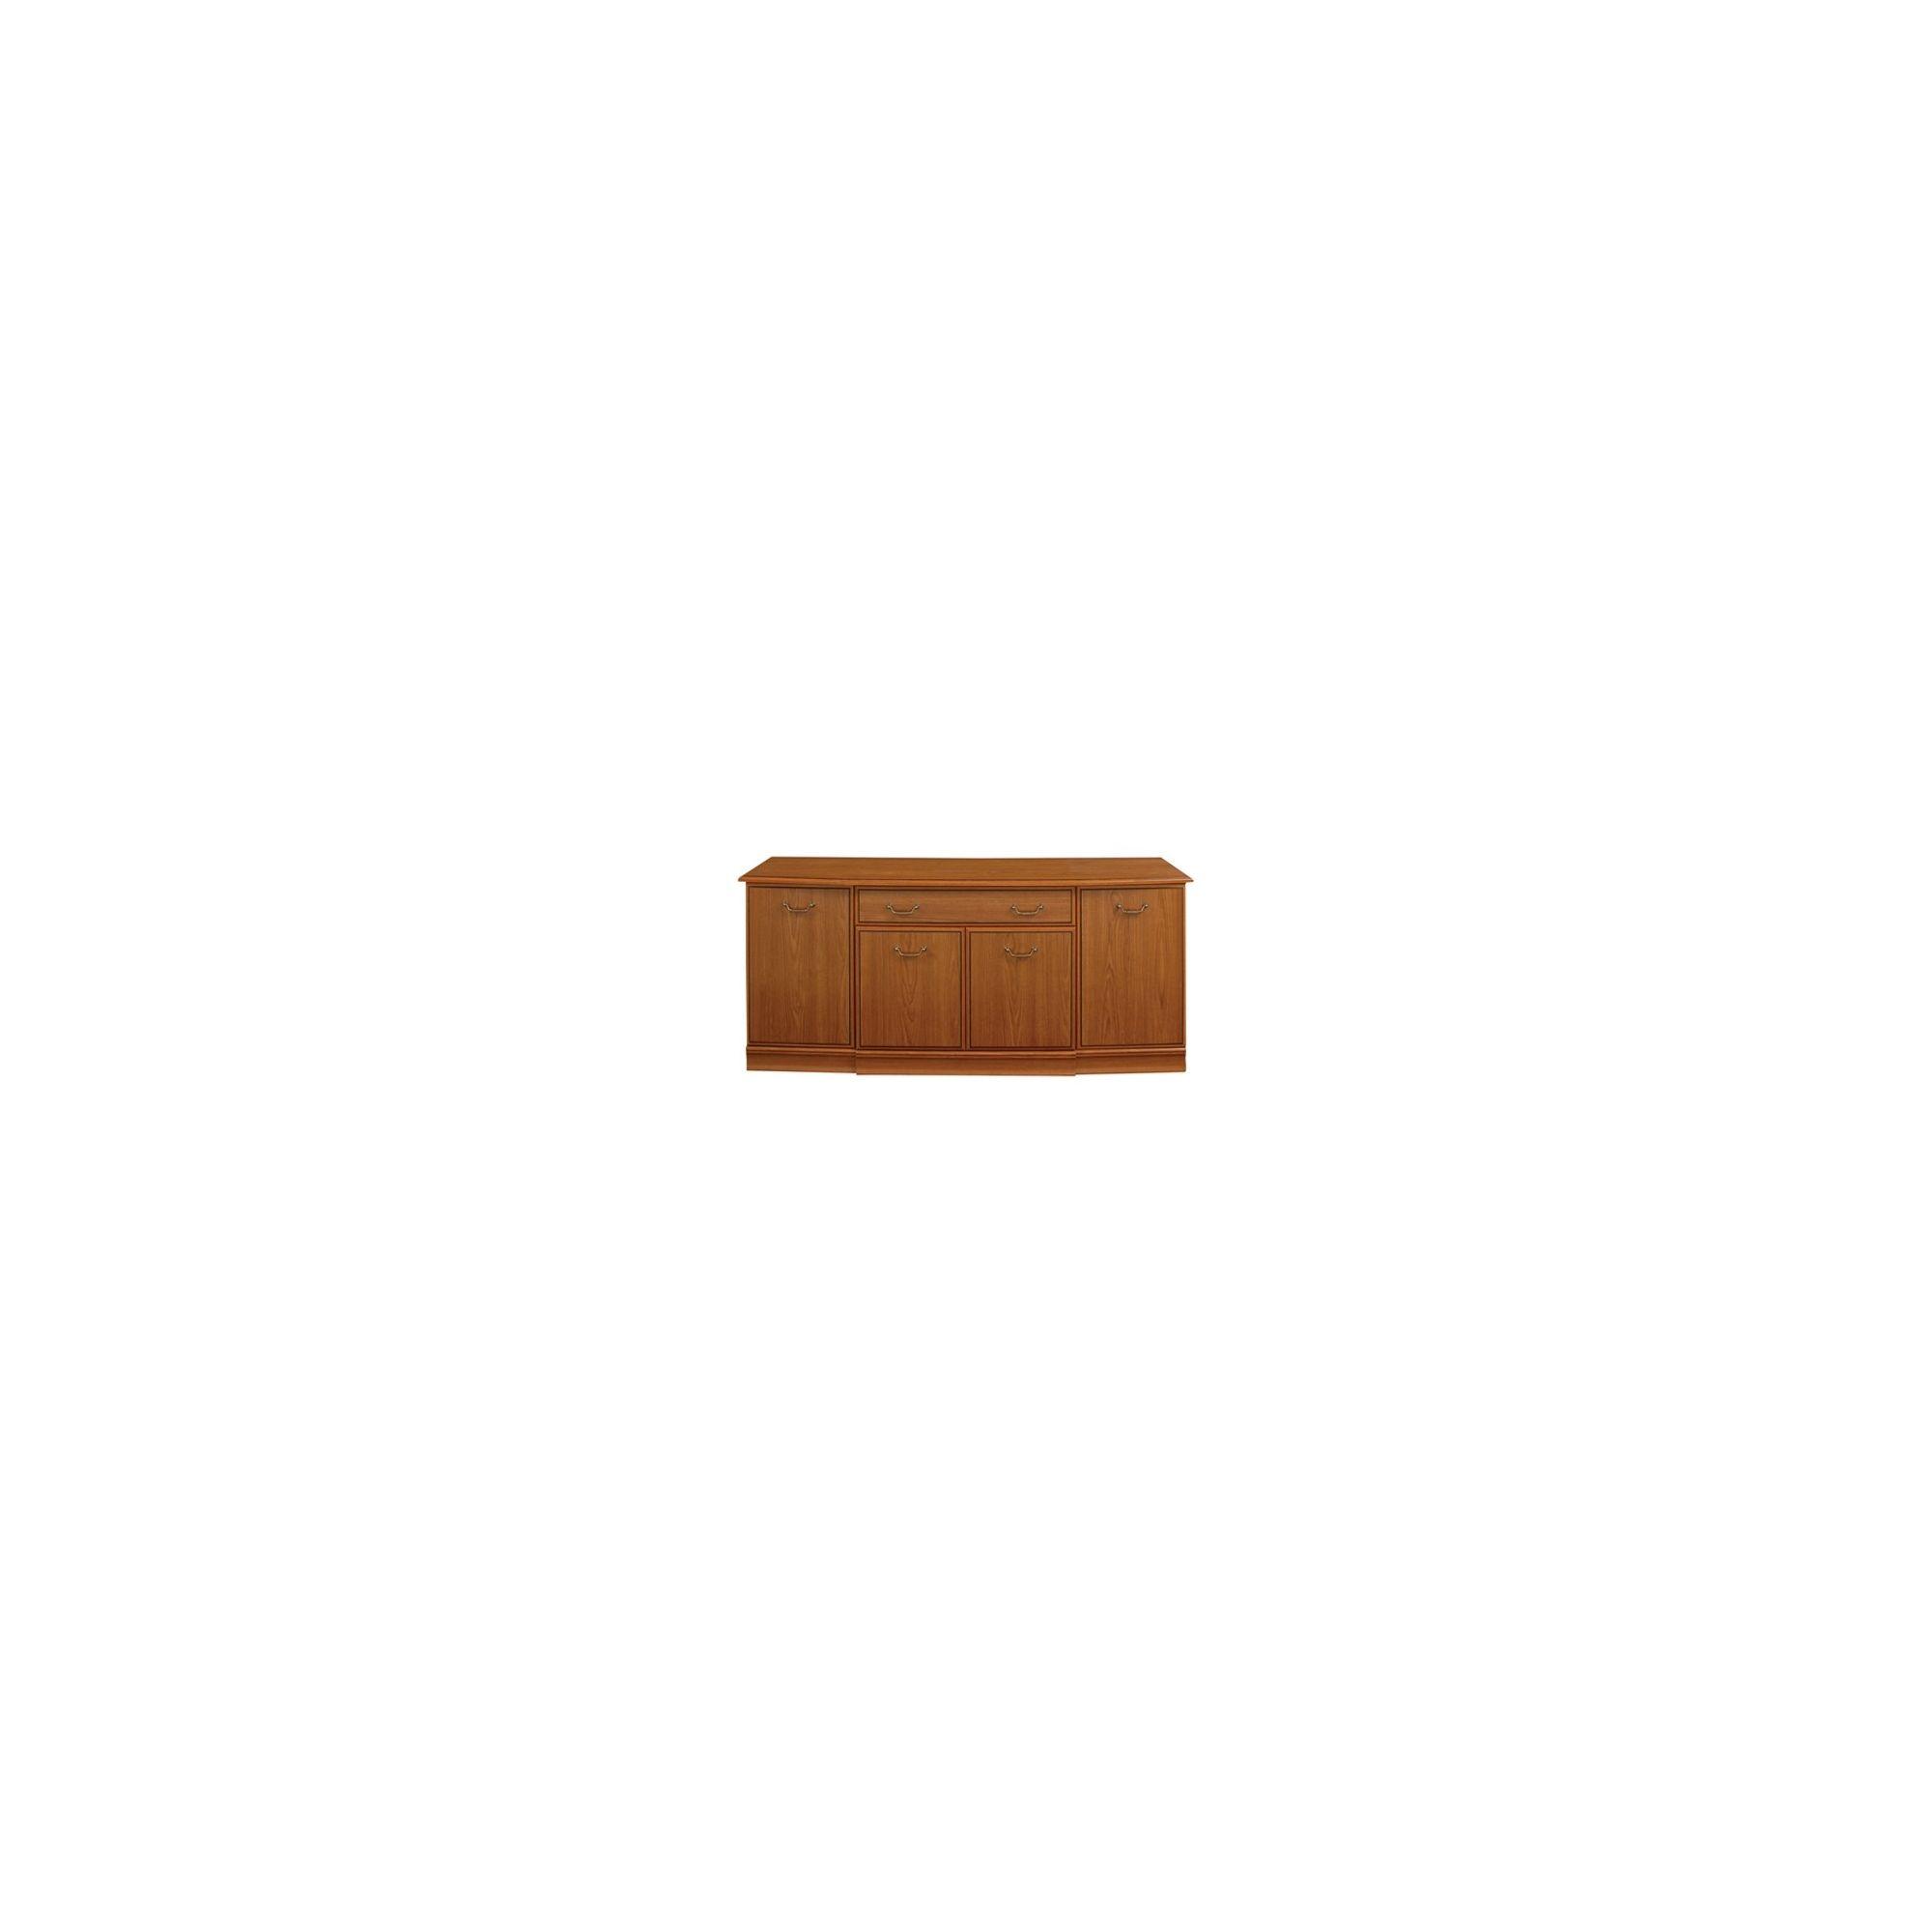 Caxton Lichfield 4 Door / 1 Drawer Sideboard at Tesco Direct